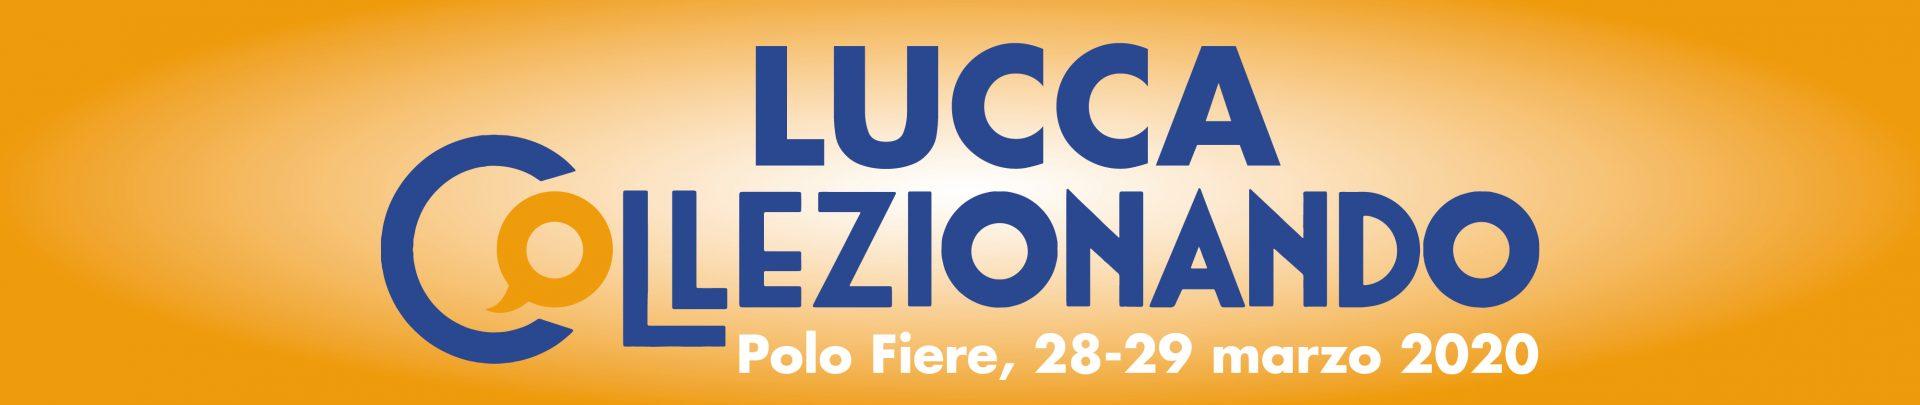 Lucca Collezionando: le date del 2020